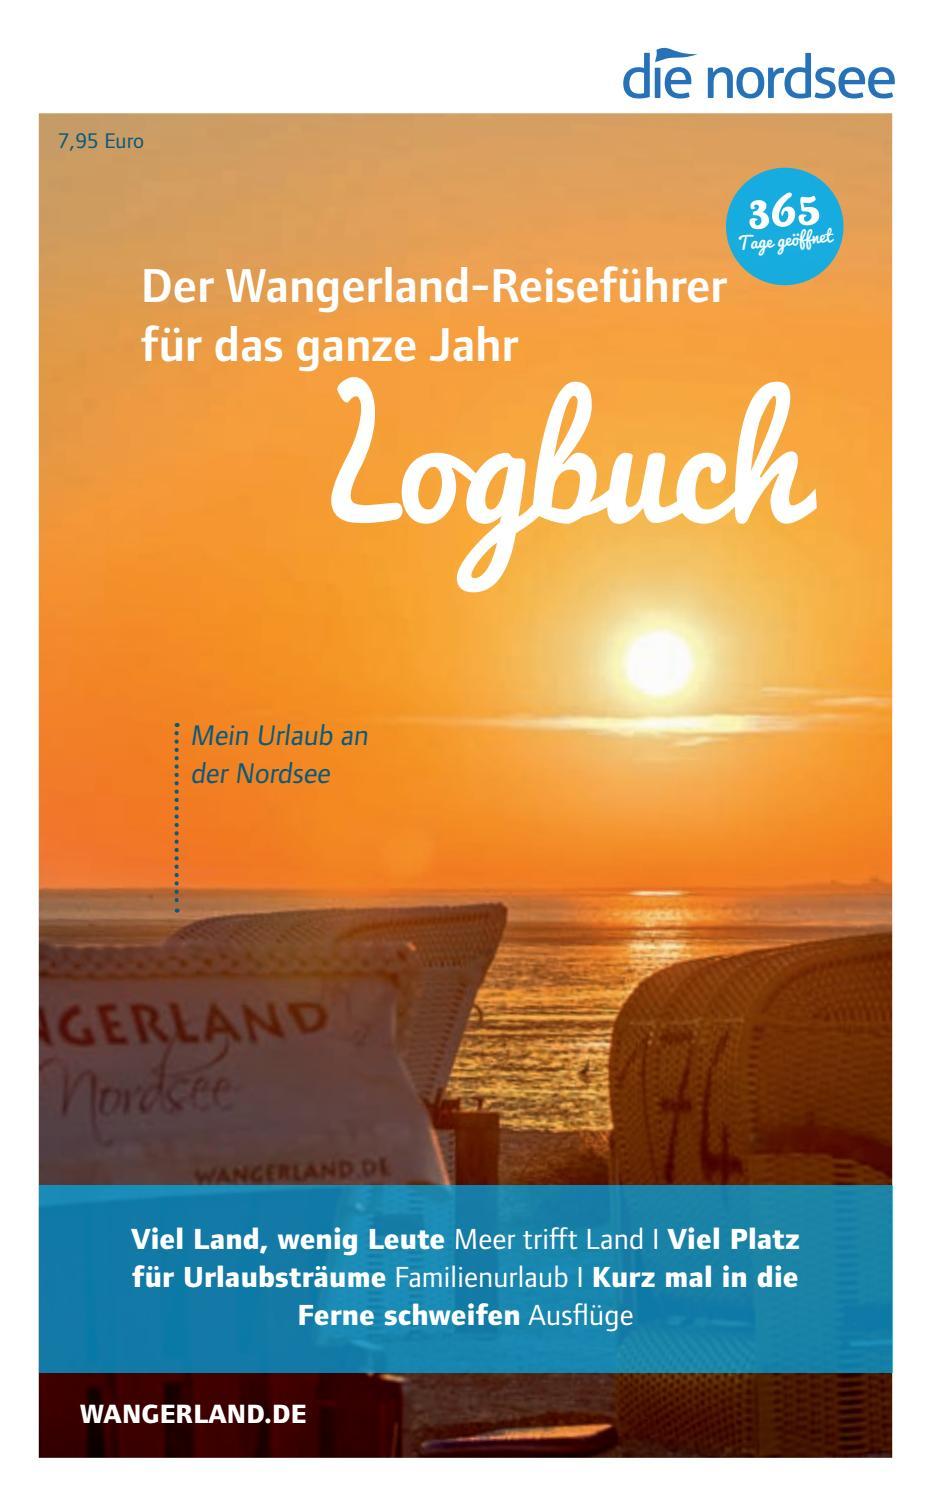 Großartig Logbuch Vorlagen Zeitgenössisch - Beispiel Wiederaufnahme ...